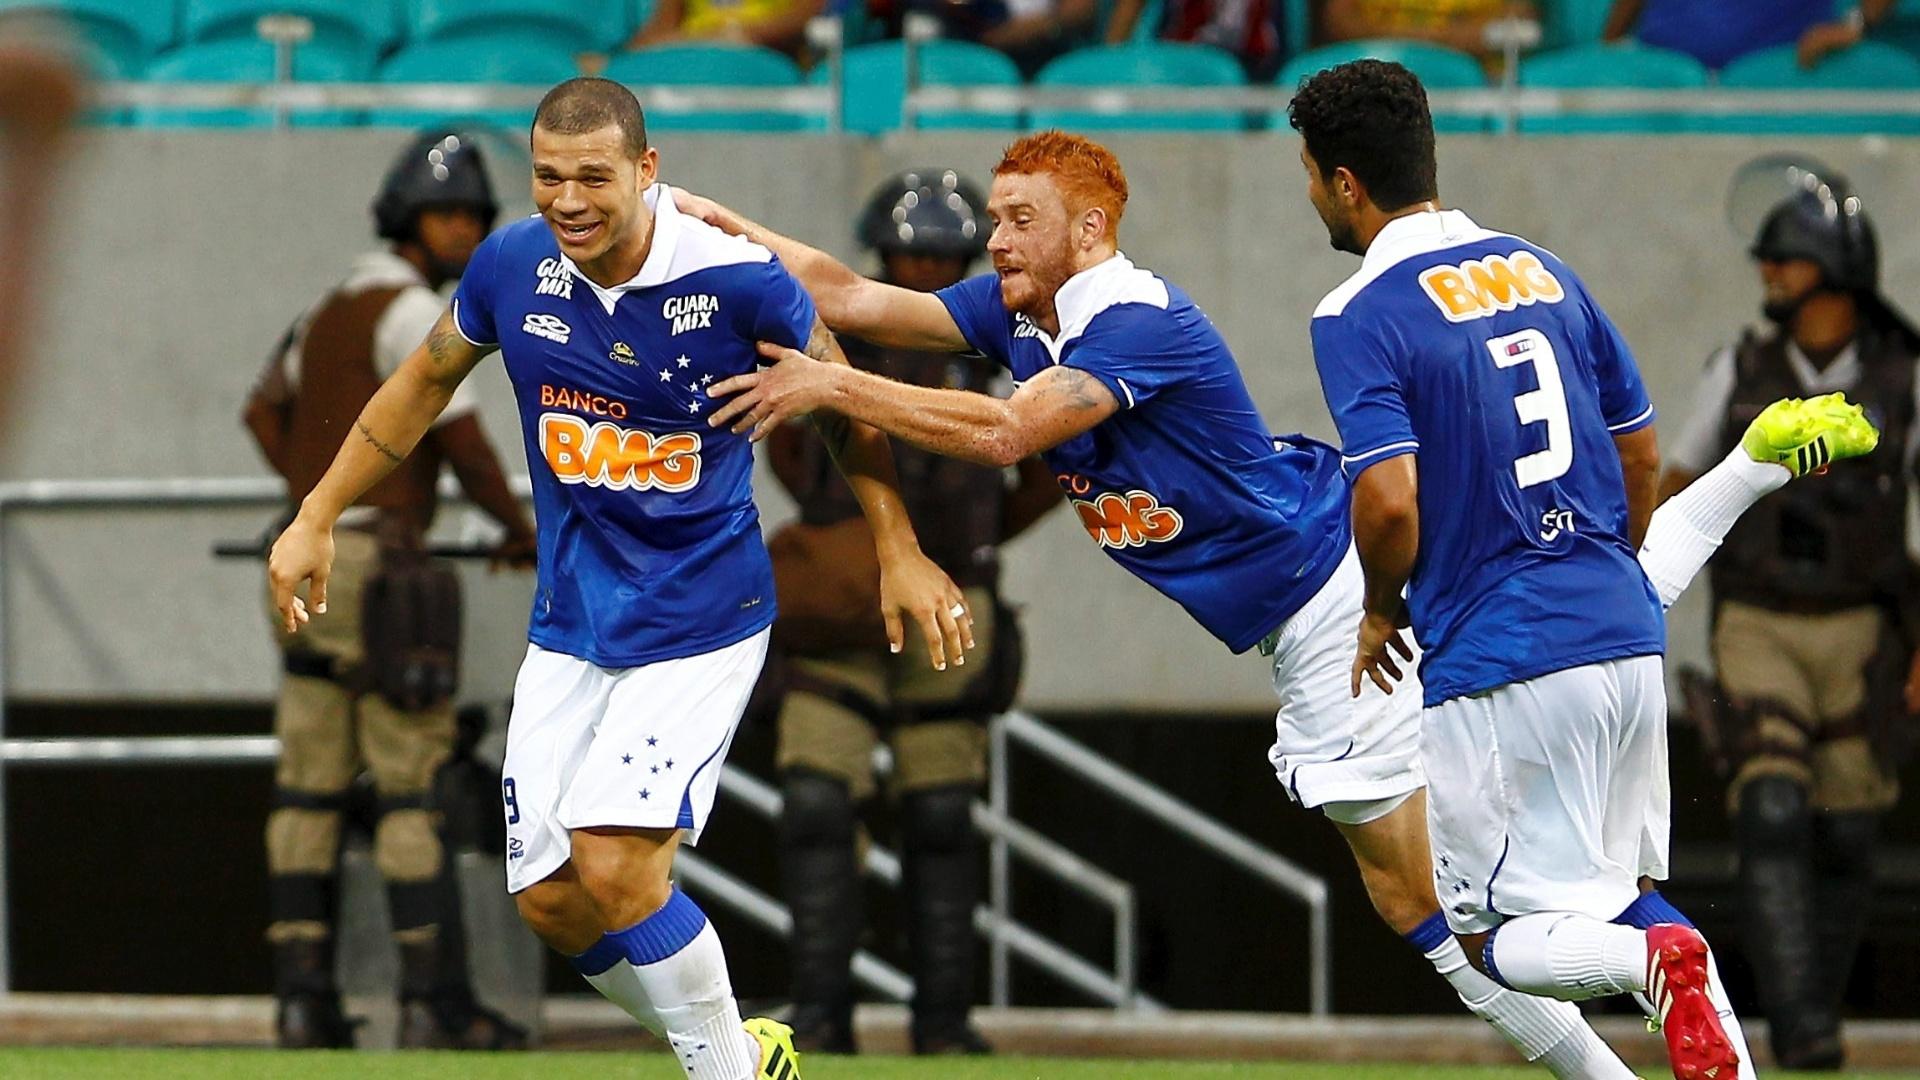 20/04/2014 - Nilton comemora gol na vitória do Cruzeiro sobre o Bahia por 2 a 1